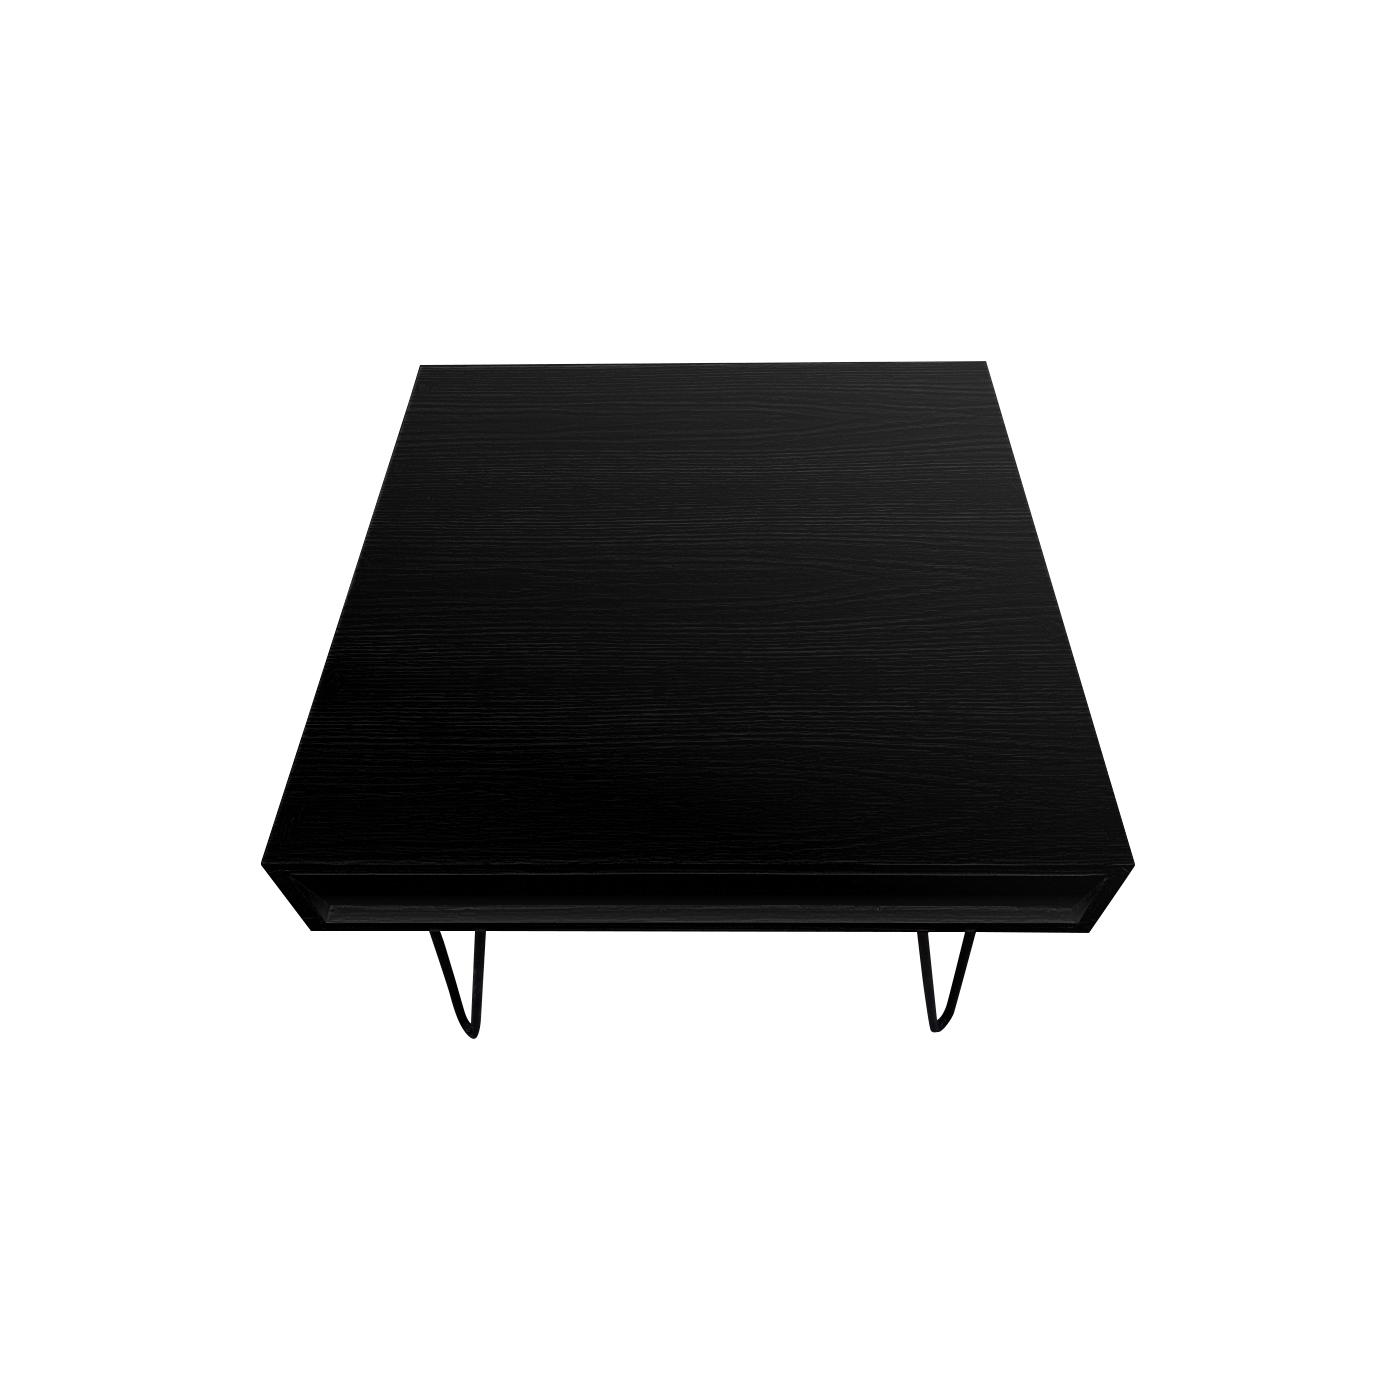 Noblitt Black Center Table